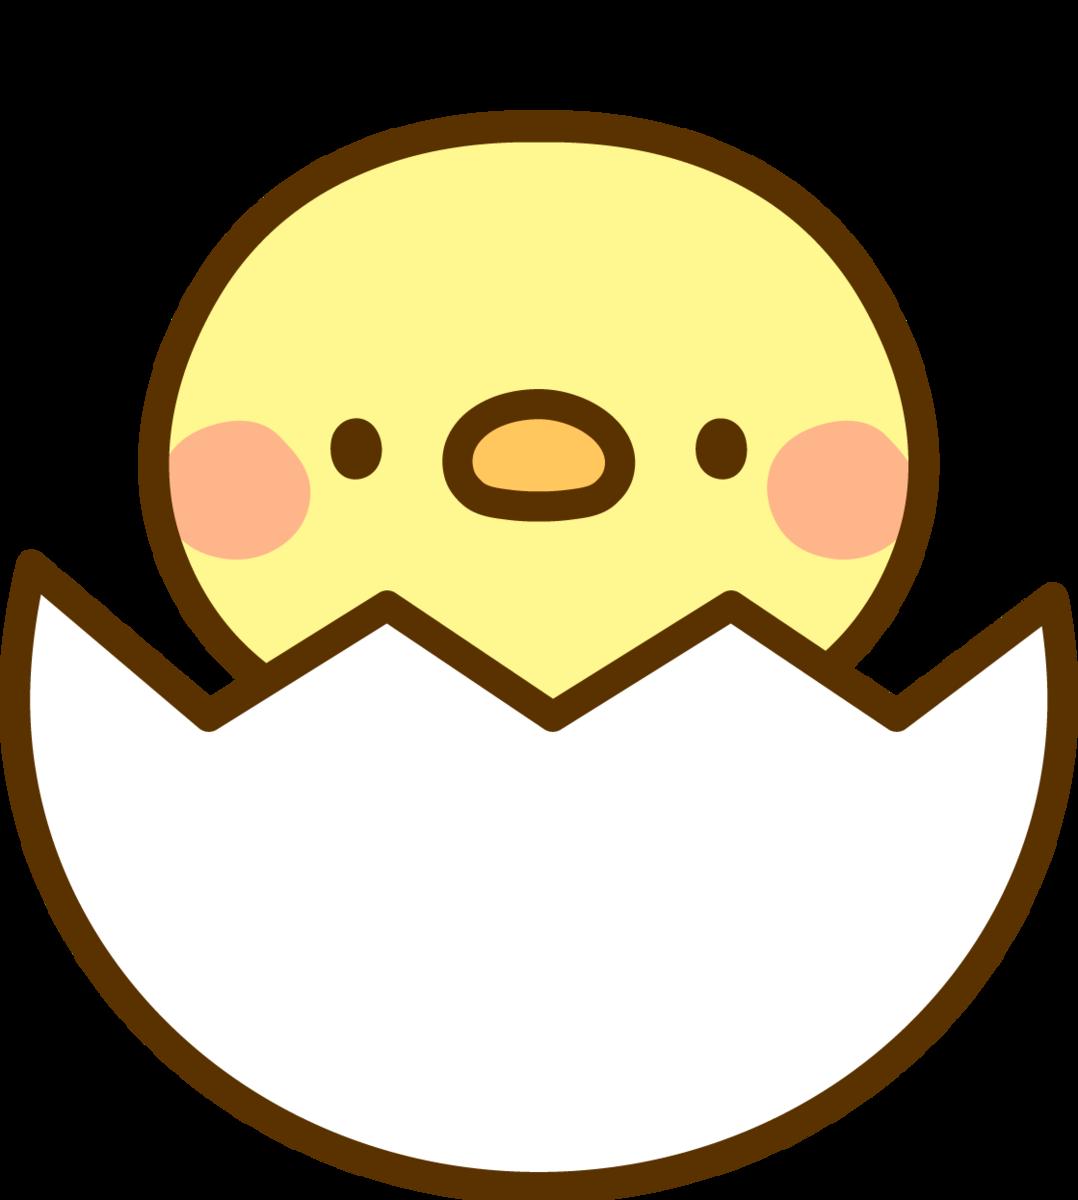 f:id:Cherrysakura:20190911214203p:plain